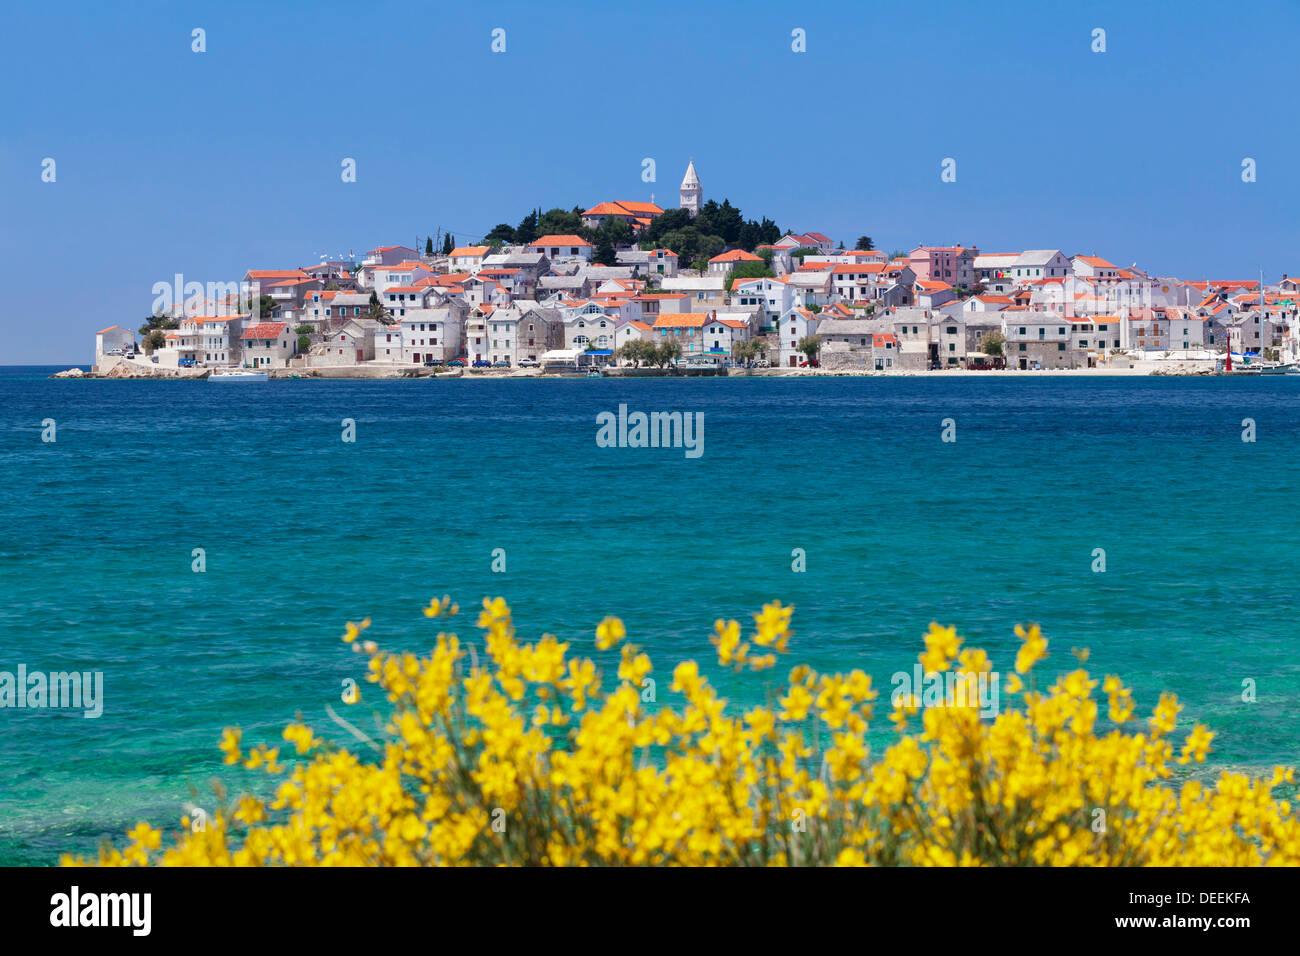 Primosten, Dalmatian Coast, Croatia, Europe - Stock Image